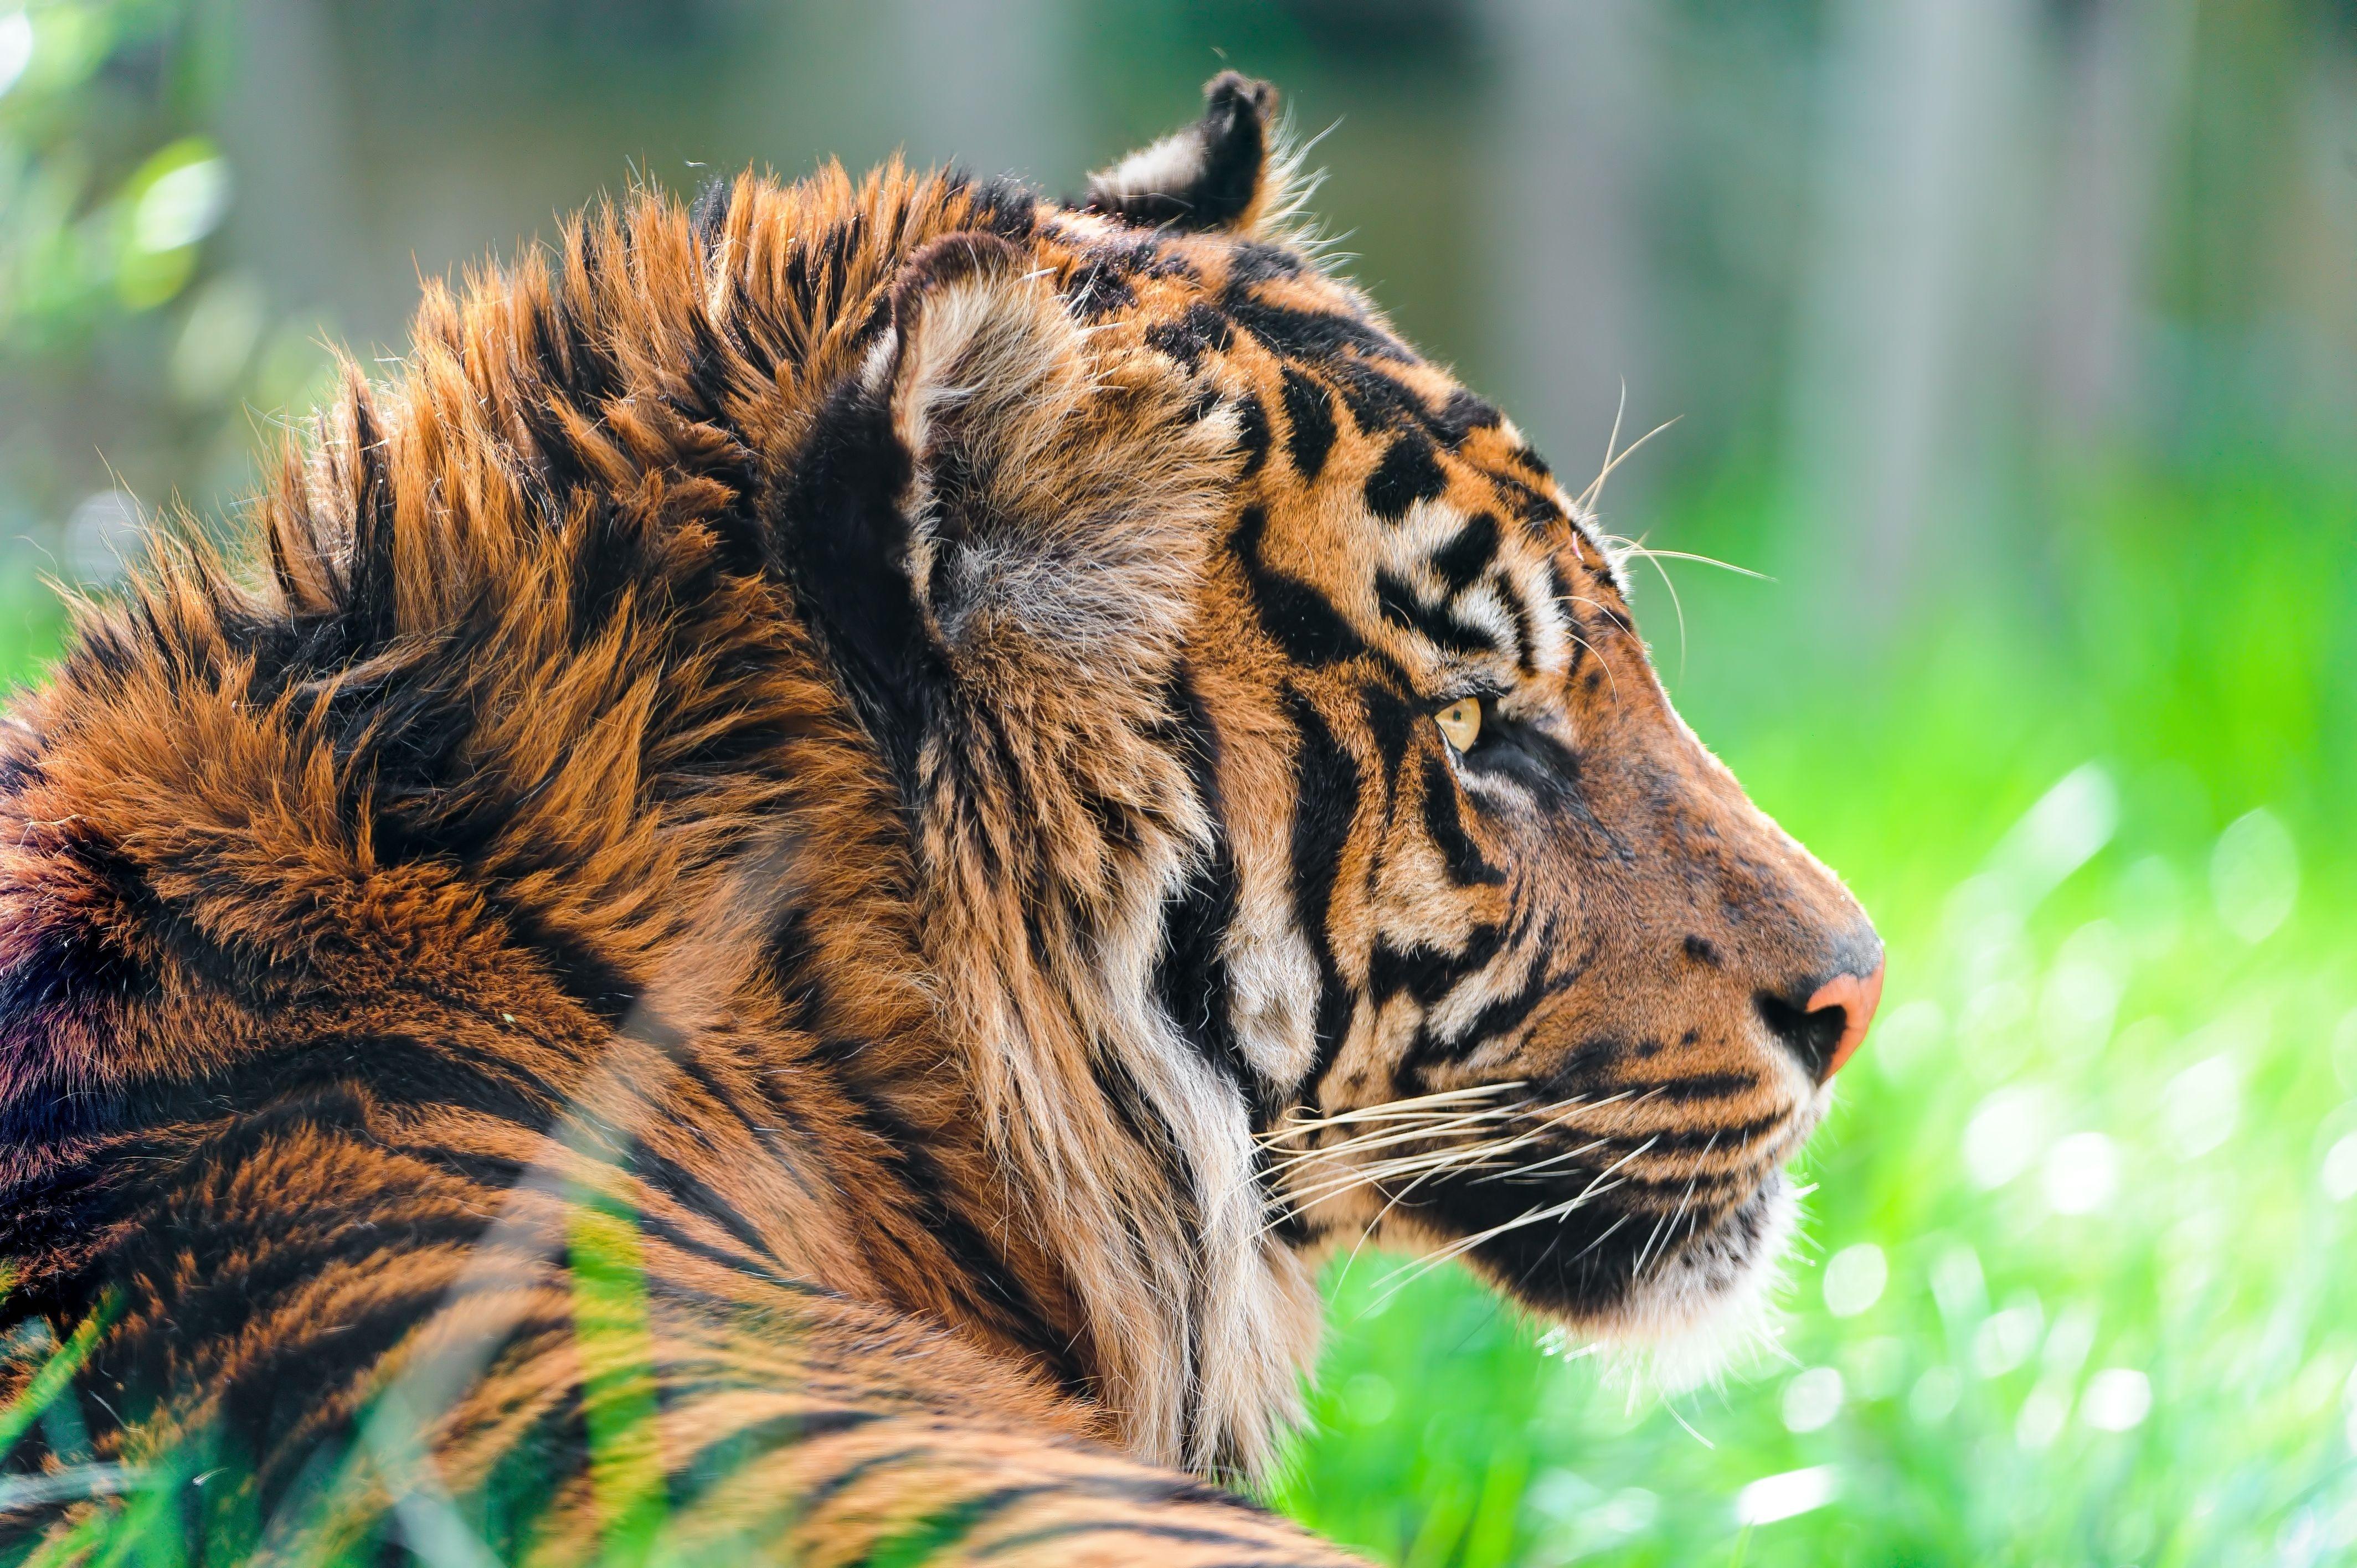 Tiger Desktop Background